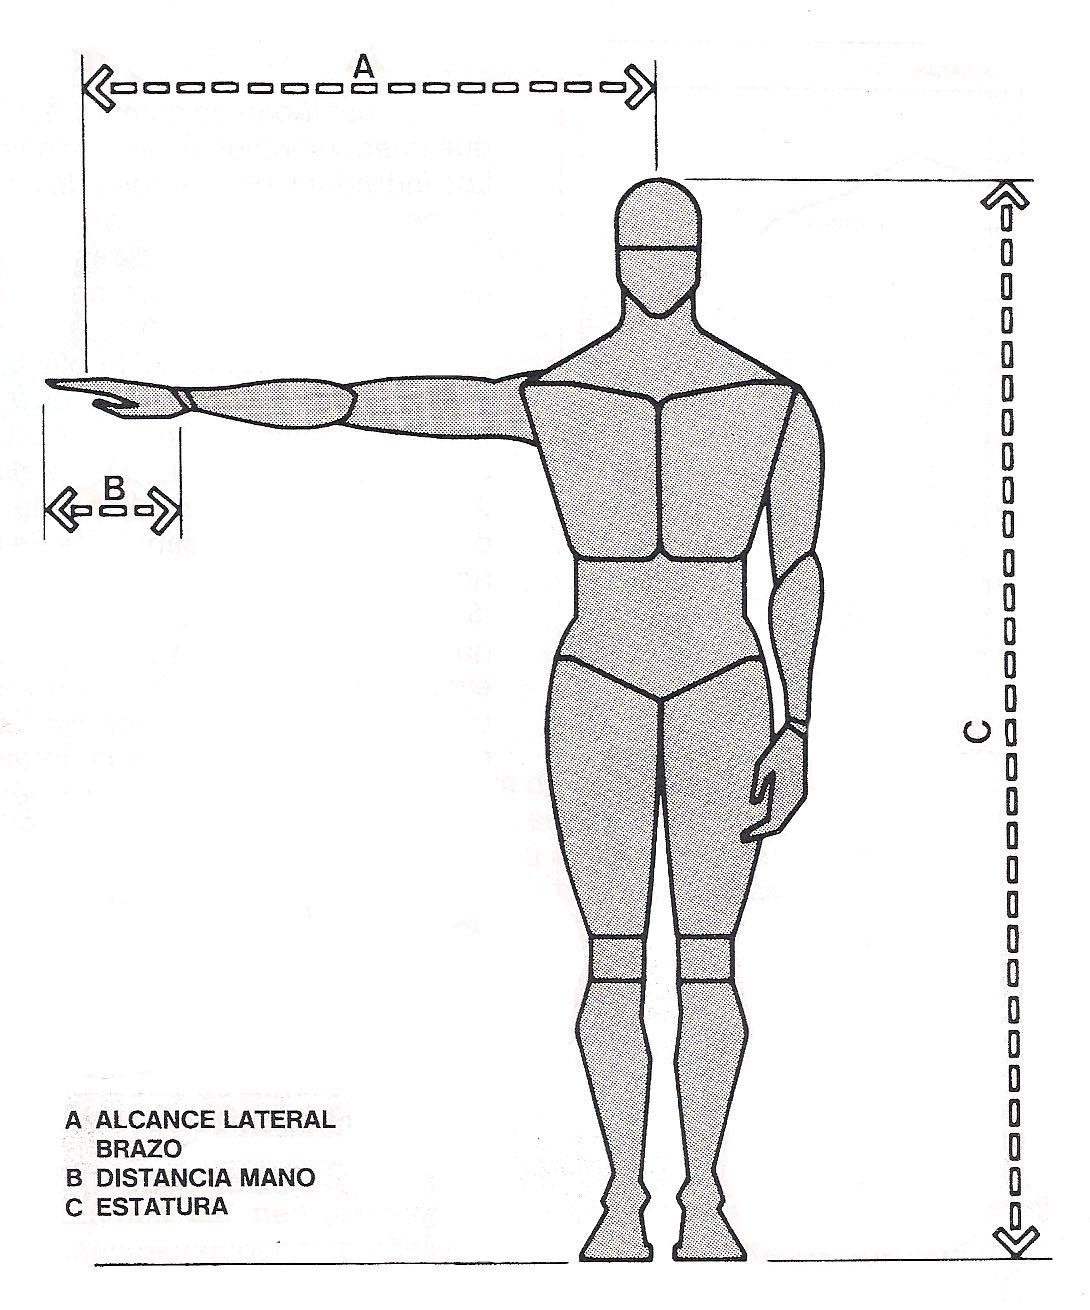 Funcionalidad del Cuerpo Humano - BrÄnz